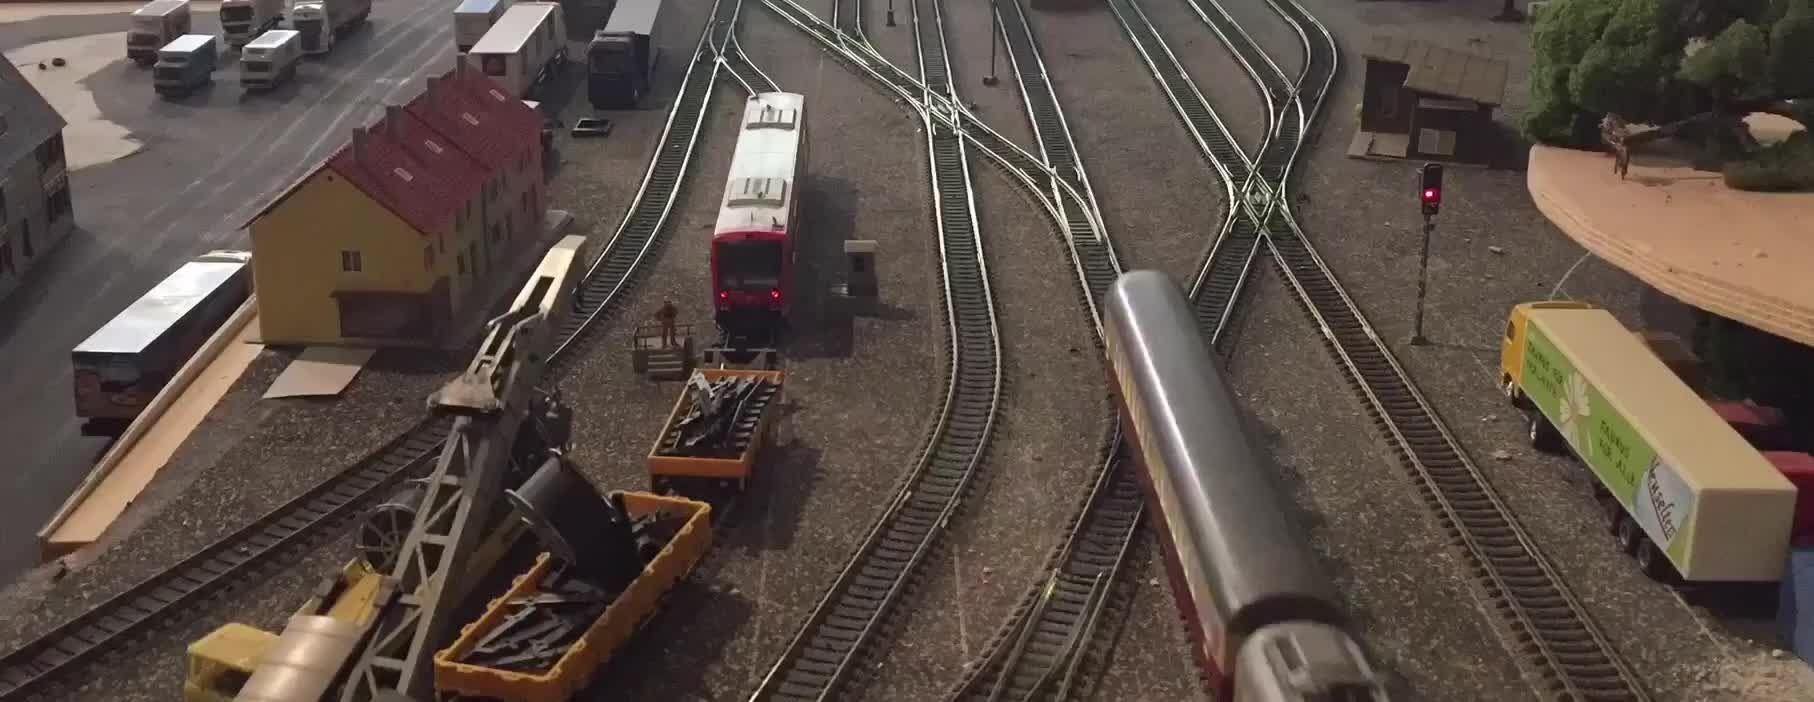 Modellbahn am Rothaarsteig | Der Graf schafft das